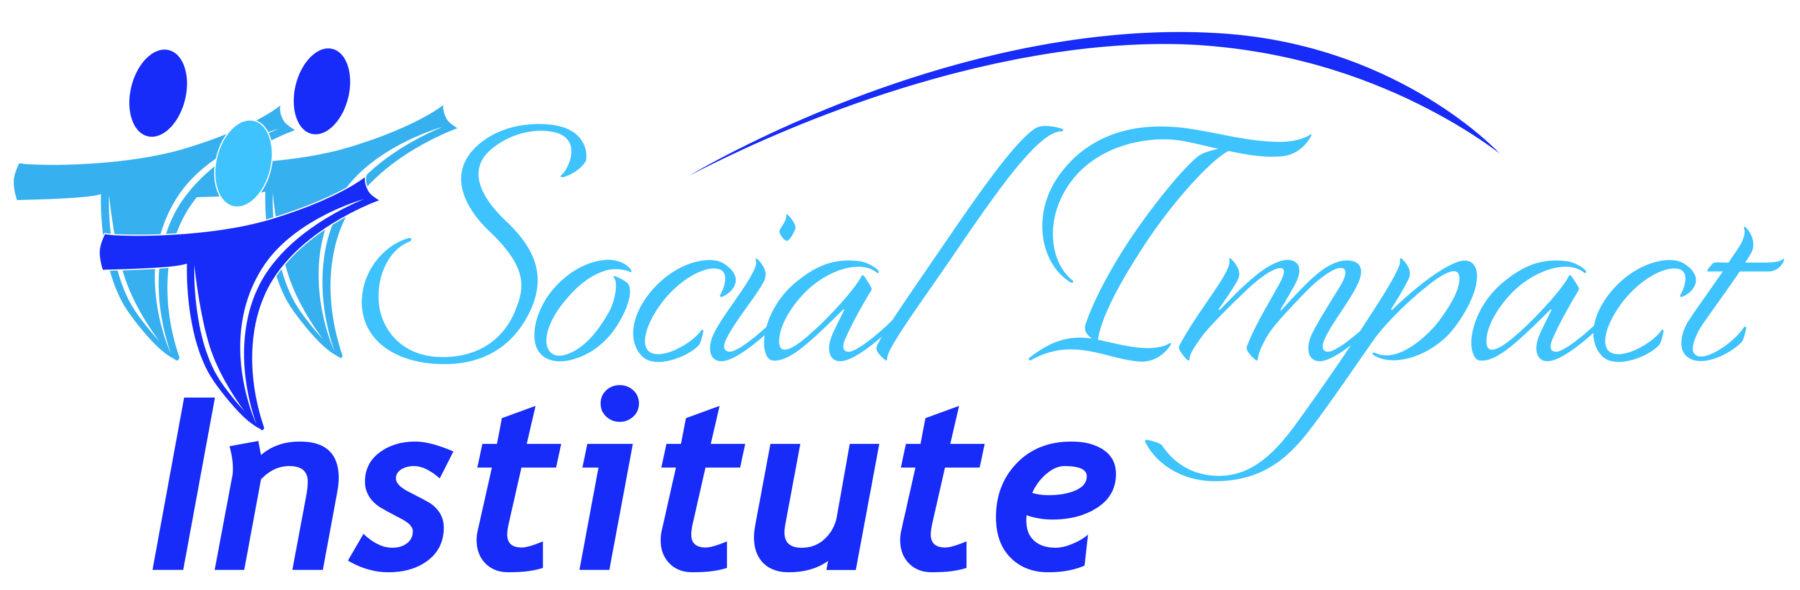 social impact institute logo